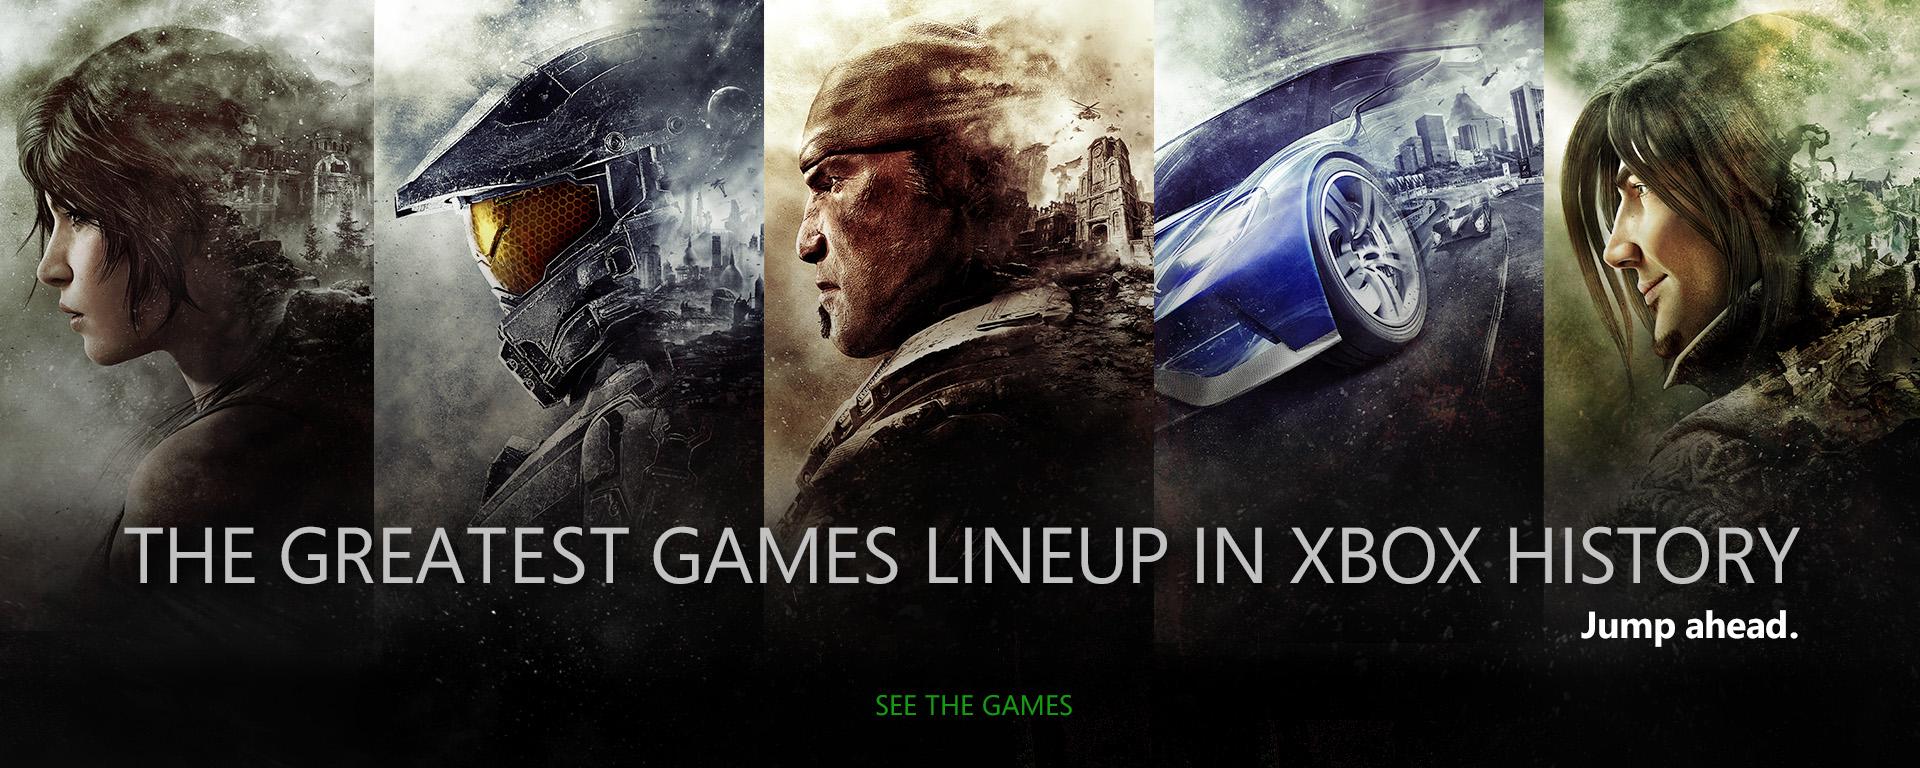 http://compass.xbox.com/assets/6e/f1/6ef1eb9c-70e1-44fd-ac38-cd589766c5bc.jpg?n=Xbox_Characters_Horizontal_1920x768_lyrd.jpg